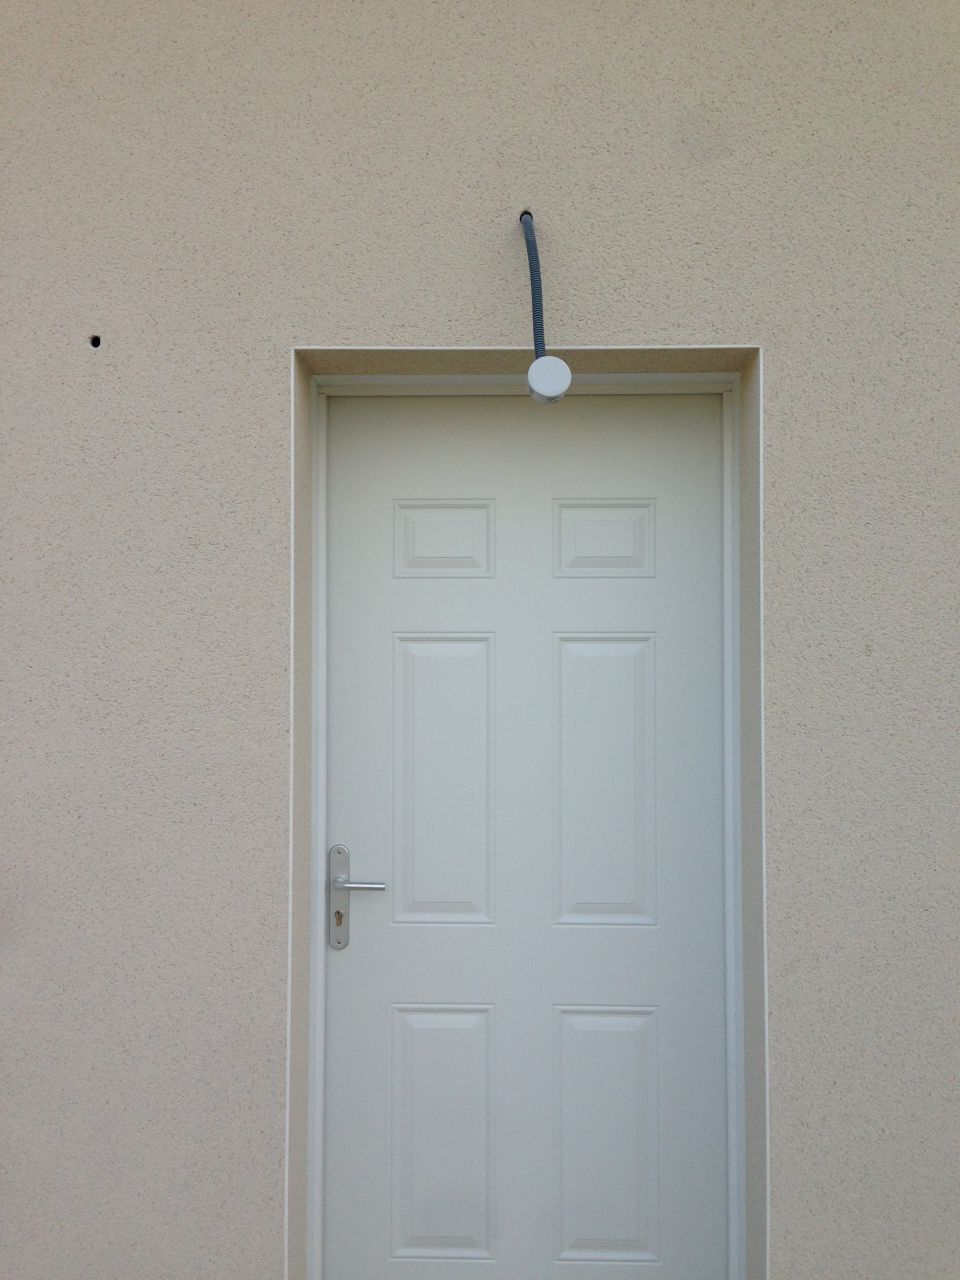 Déplacement du point lumineux de la porte d'entrée